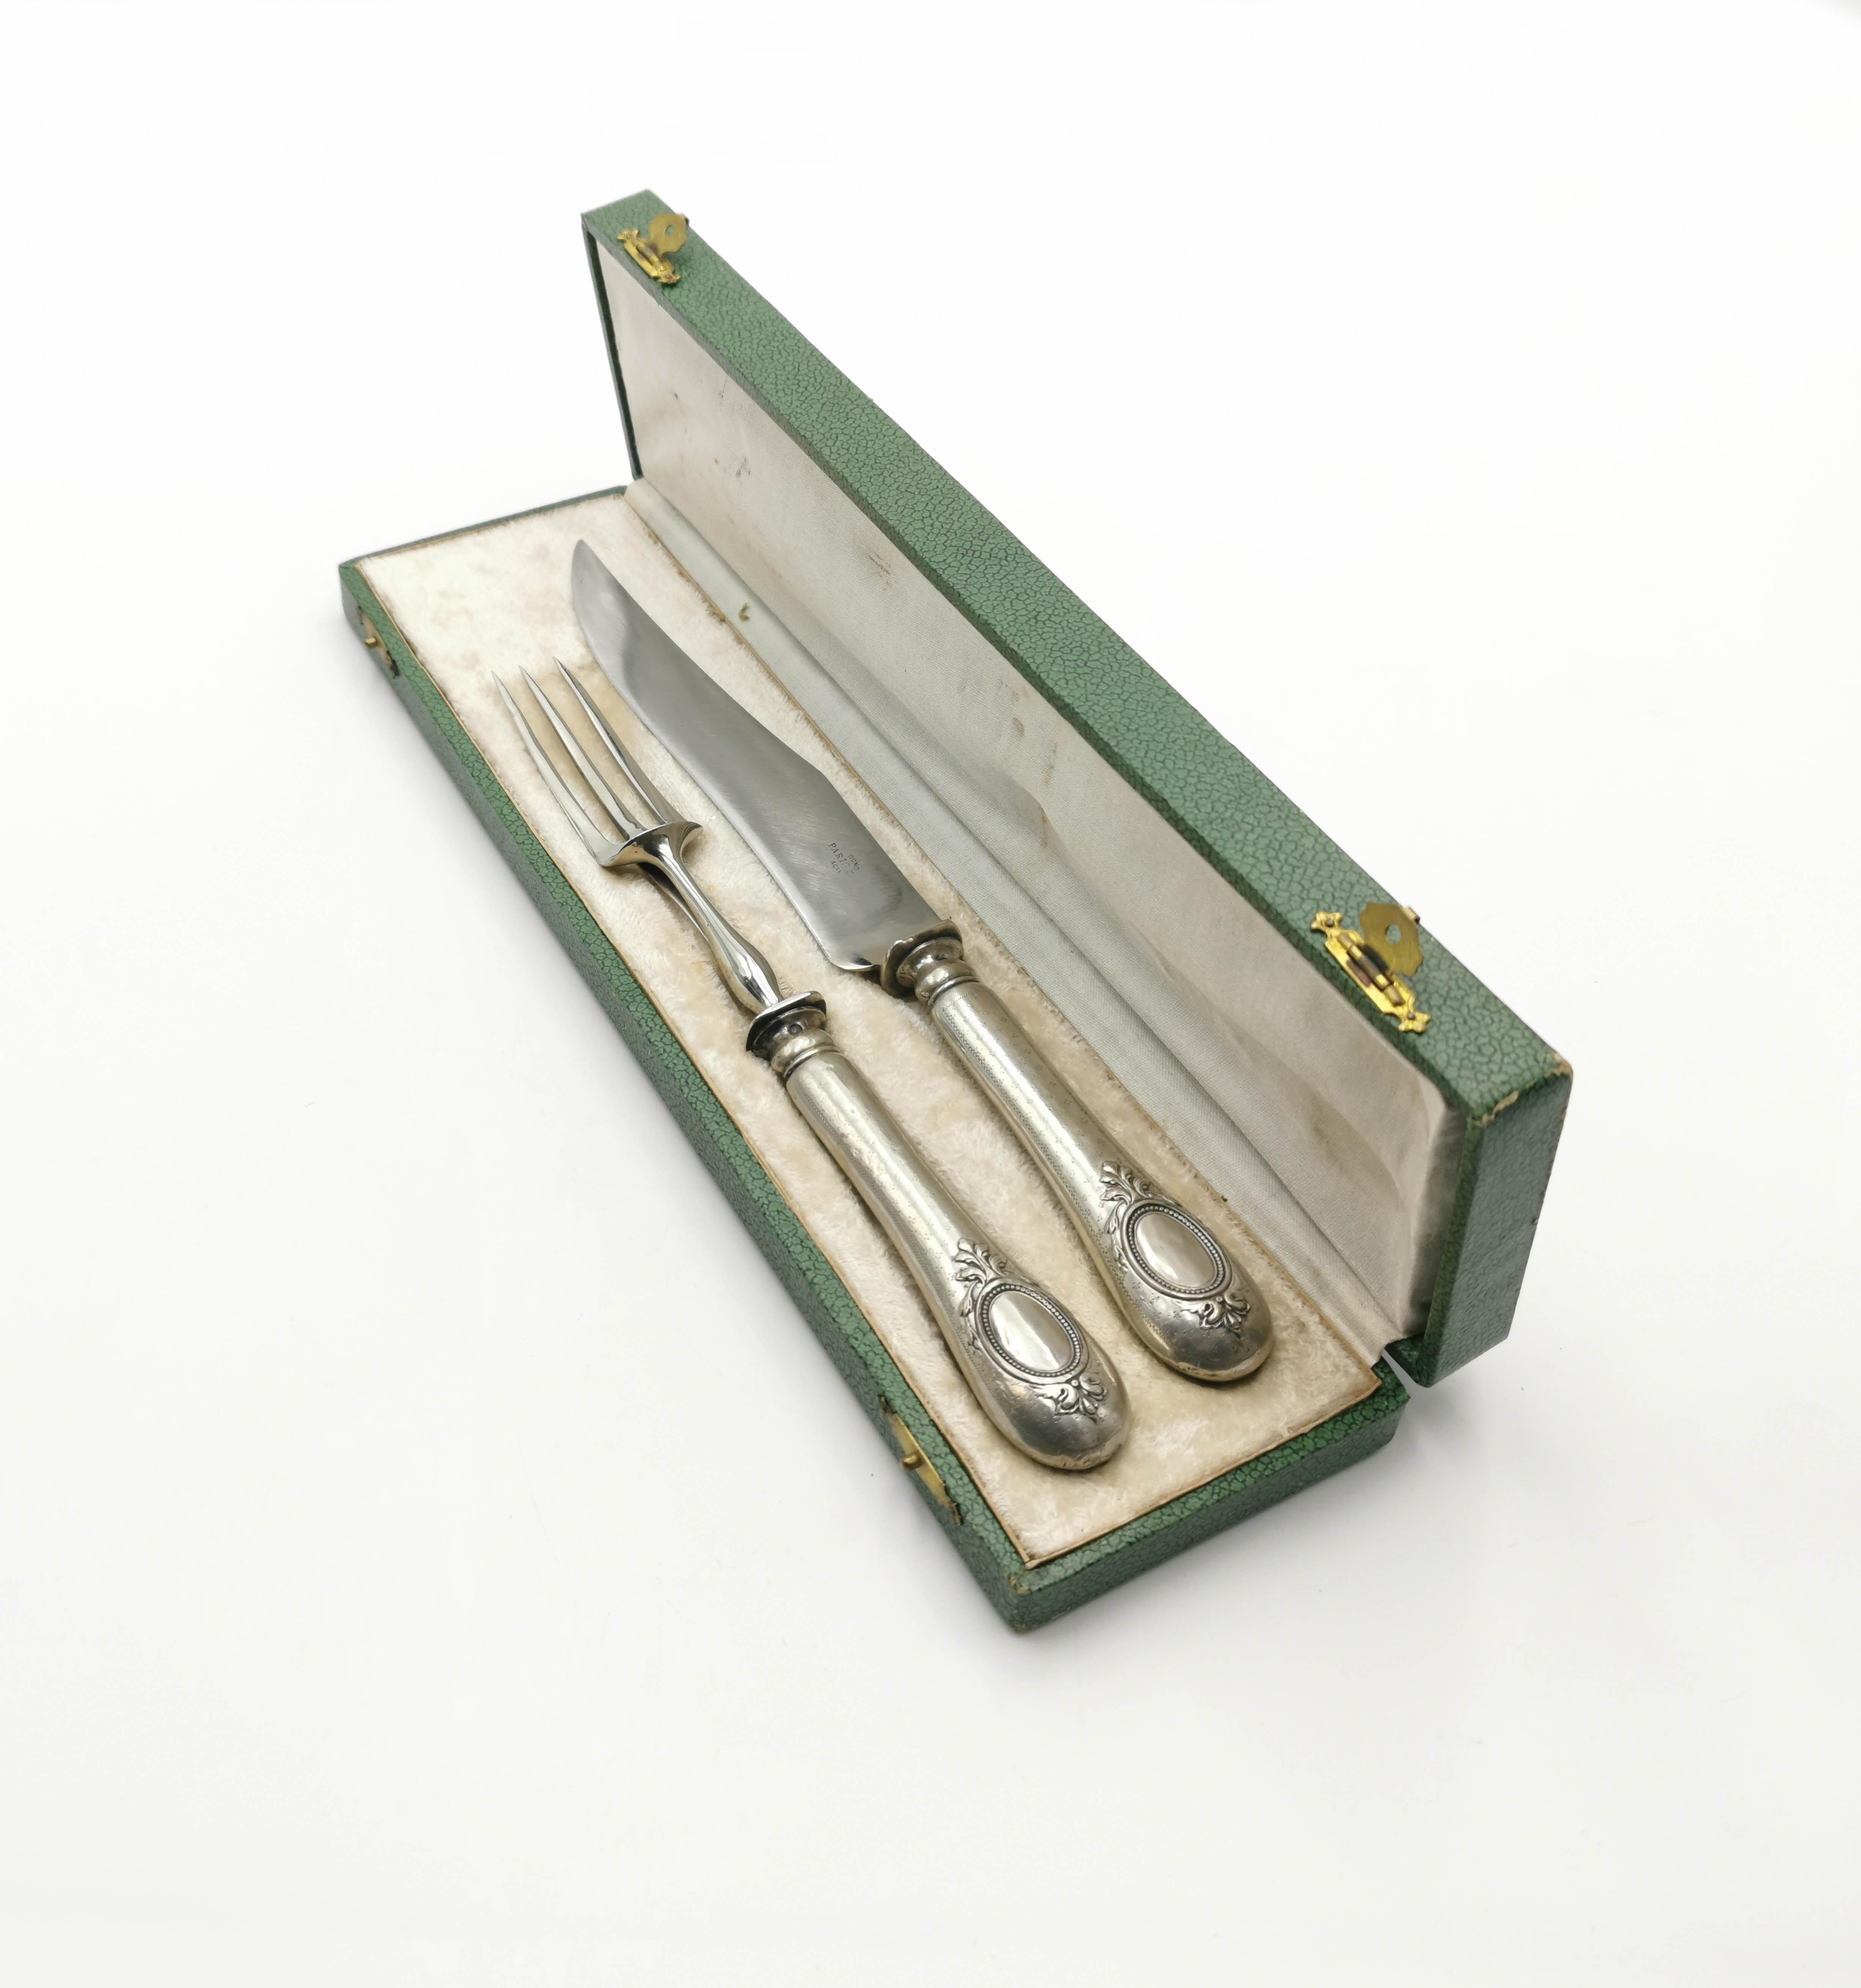 Środek stołu w etui-widelec, nóż